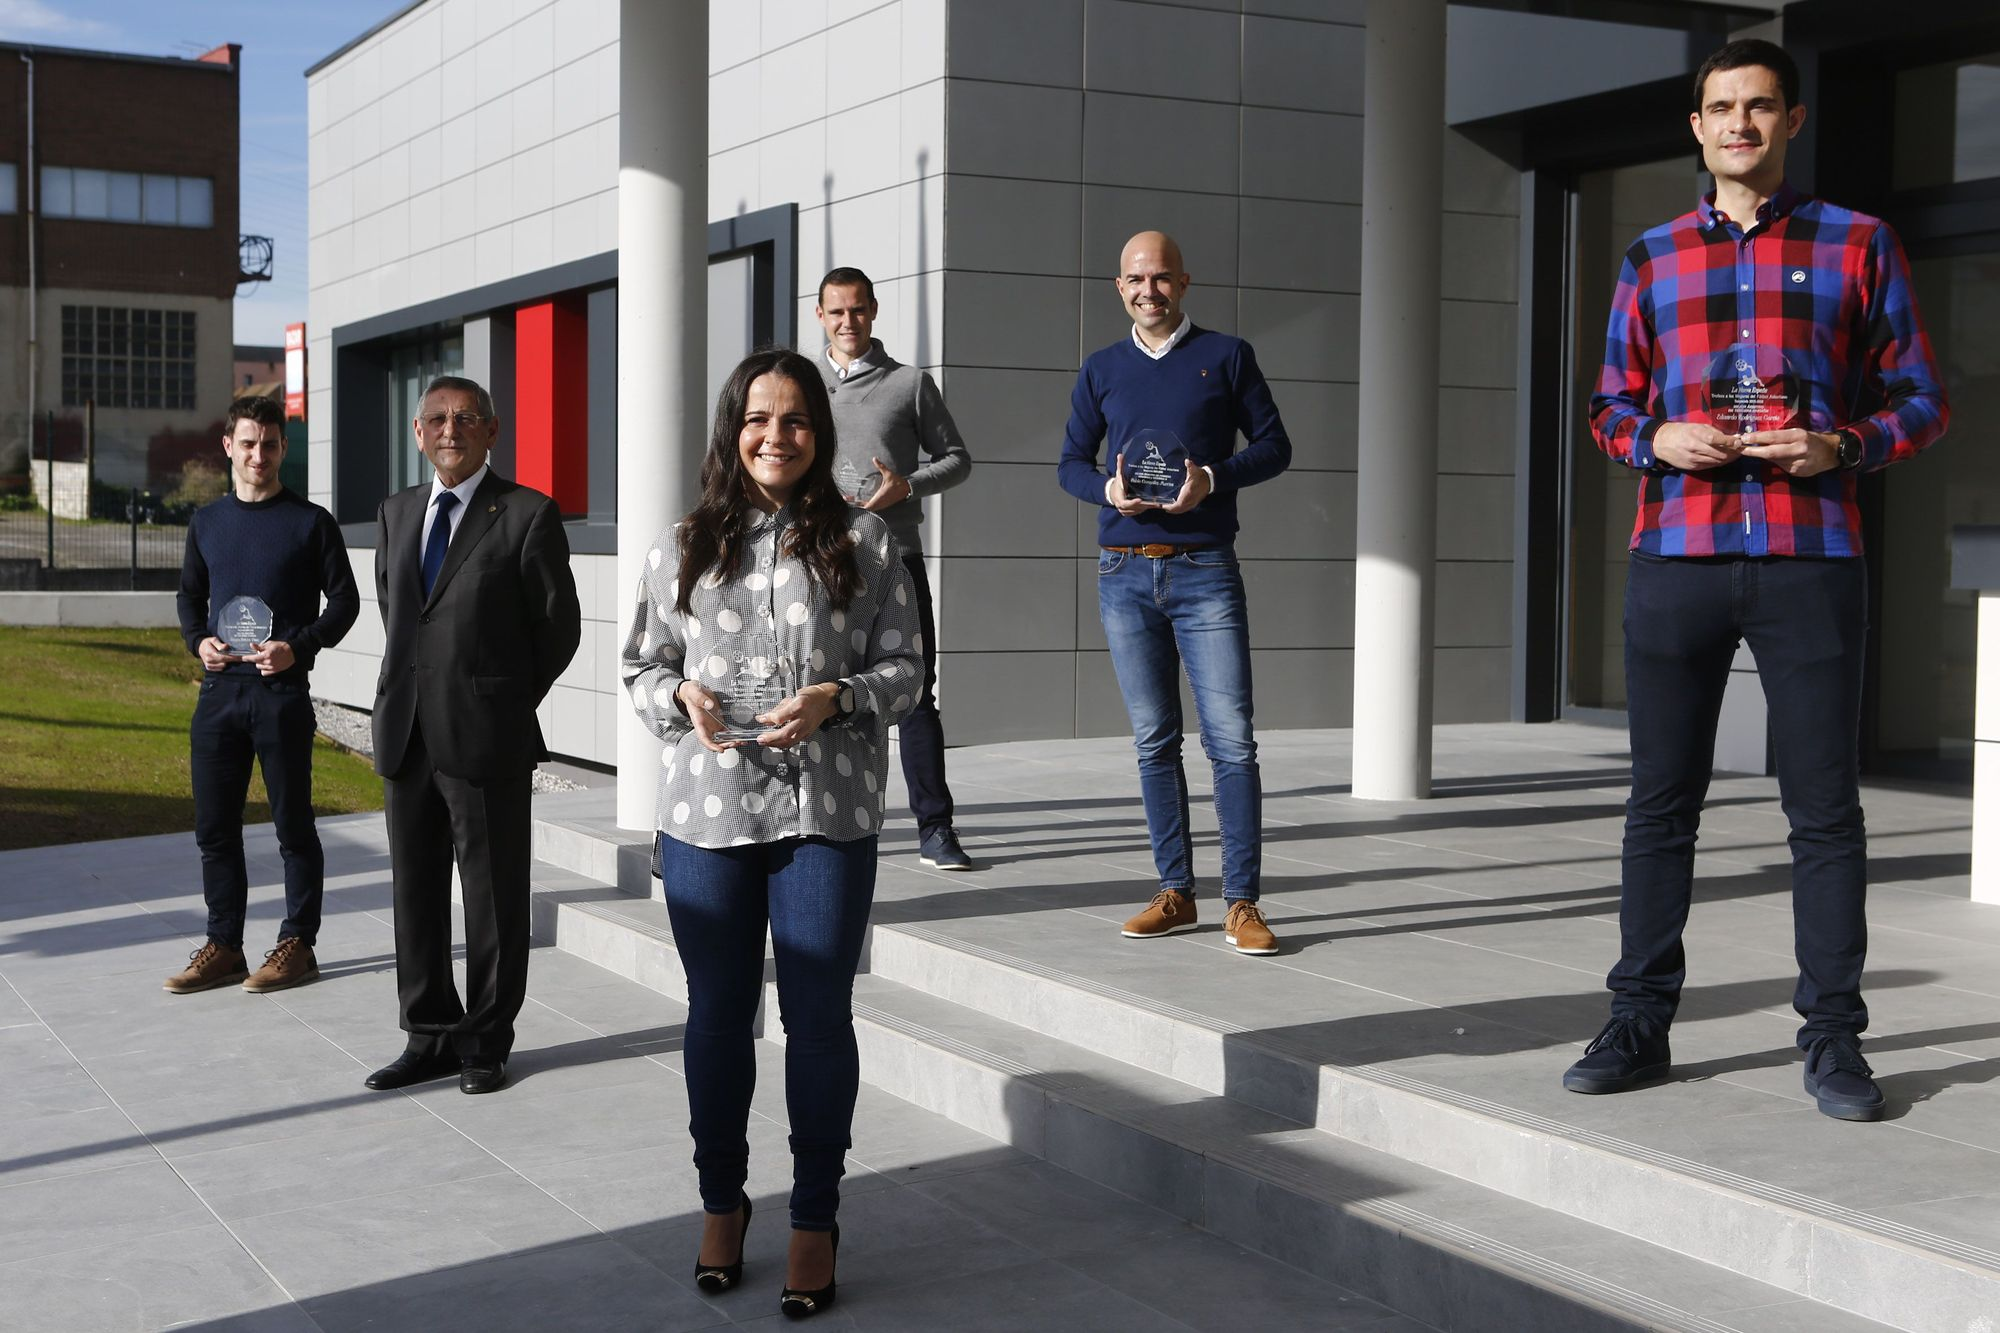 En primera fila, de izquierda a derecha, Diego Vald�s, Jos� Manuel Su�rez y Eliana Fern�ndez; detr�s, Israel B�rcena, Pablo Gonz�lez Fuertes y Eduardo Garc�a, en la sede de la Federaci�n Astur.jpg